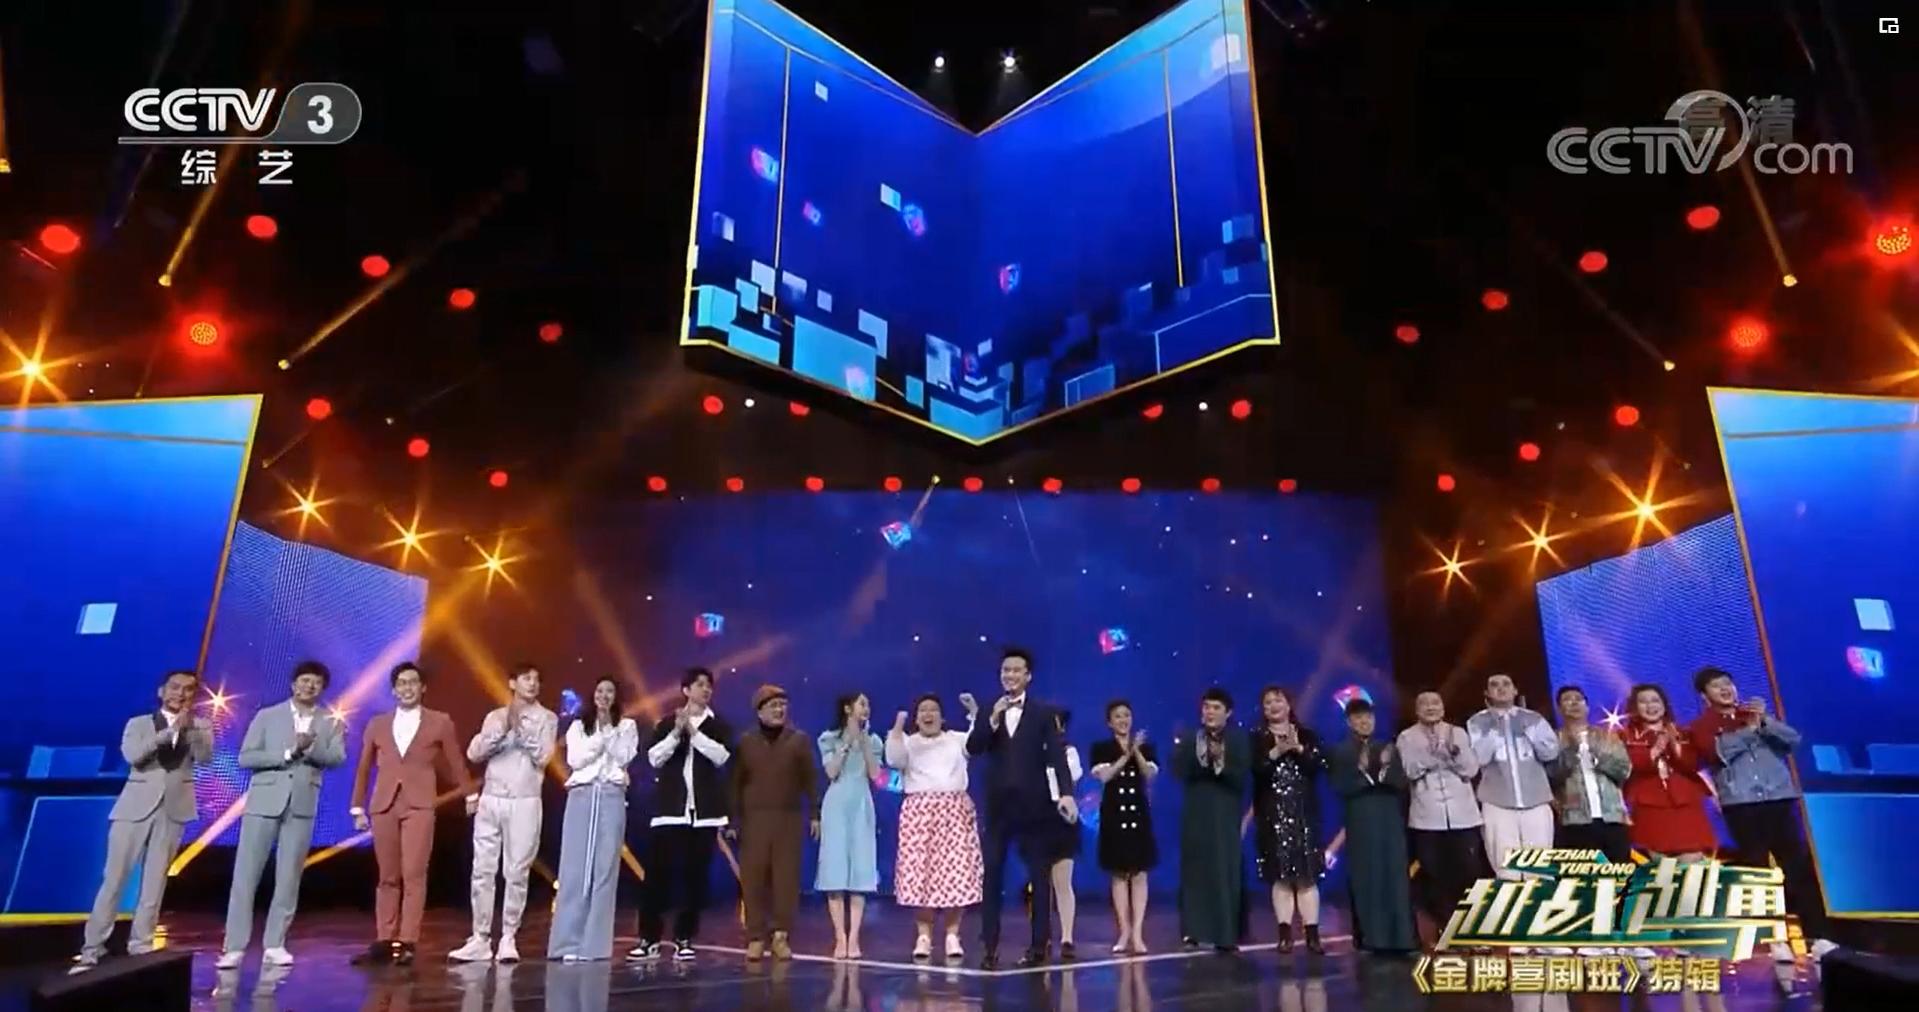 《金牌喜剧班》学员重聚《越战越勇》 喜剧演员宋周玲再登央视